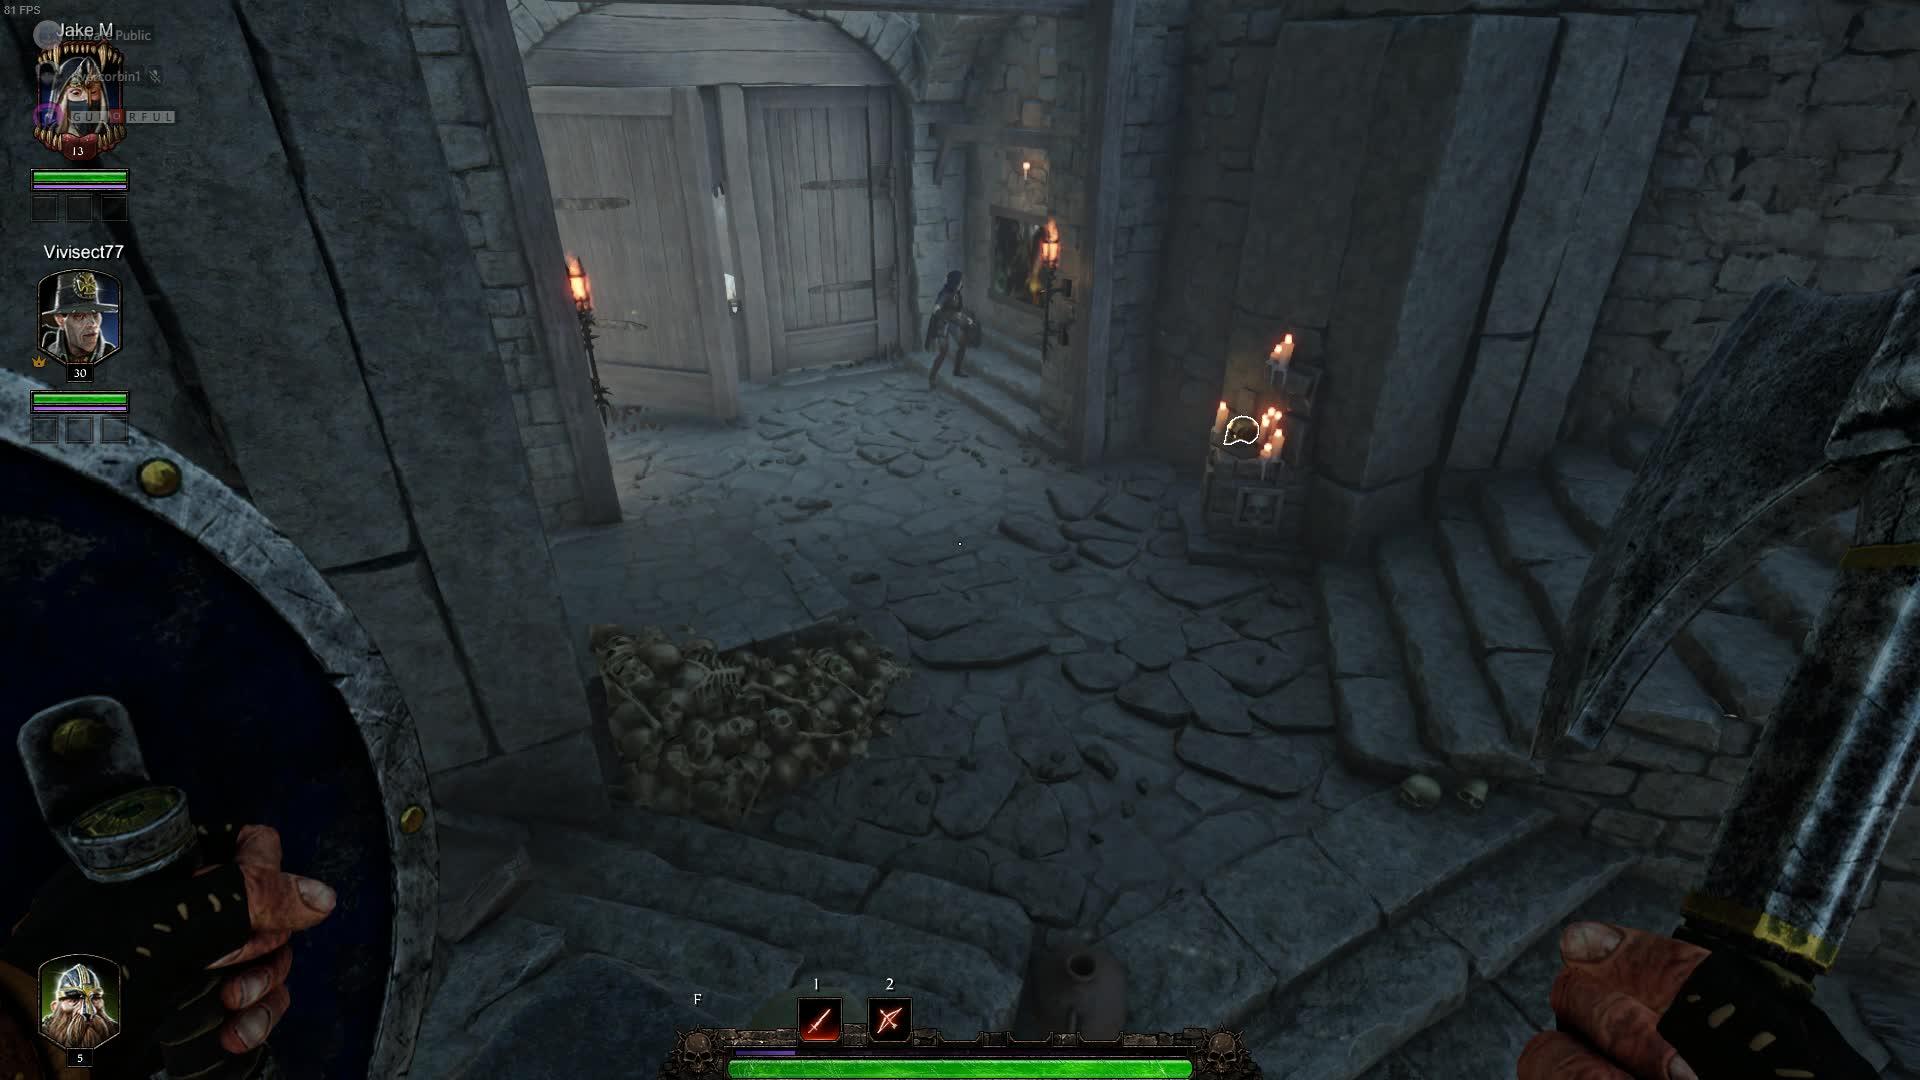 vermintide, Warhammer Vermintide 2 2019.03.03 - 21.36.12.02.DVR GIFs